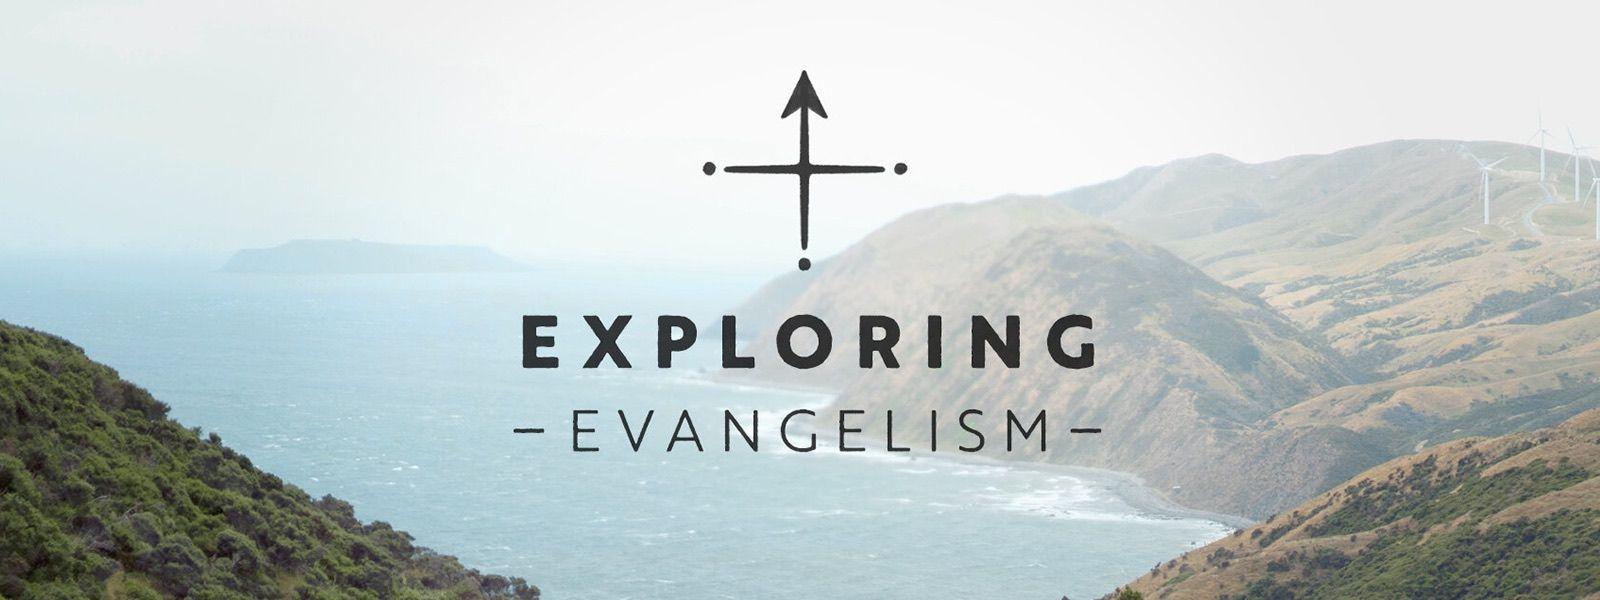 Exploring Evangelism